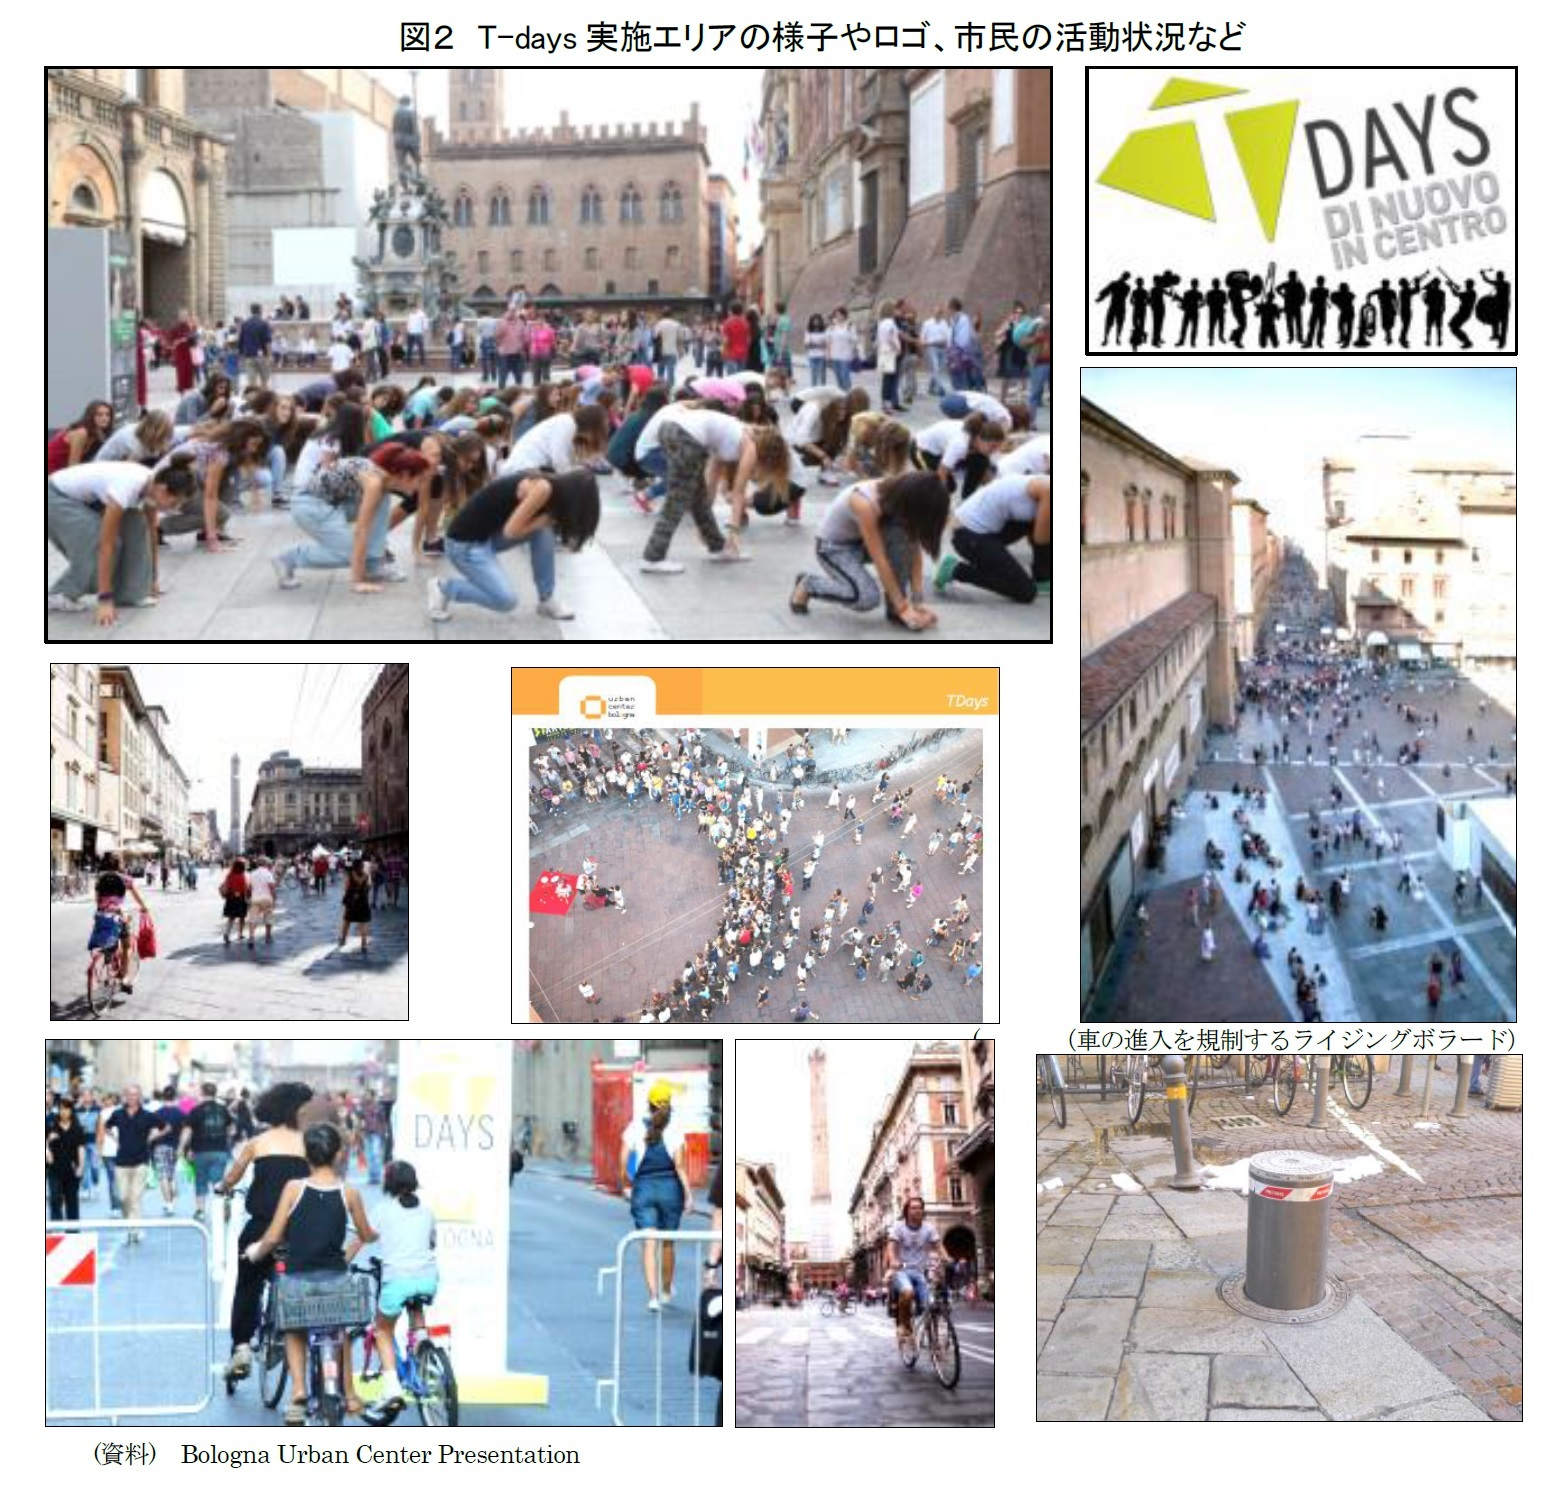 図2 T-days実施エリアの様子やロゴ、市民の活動状況など